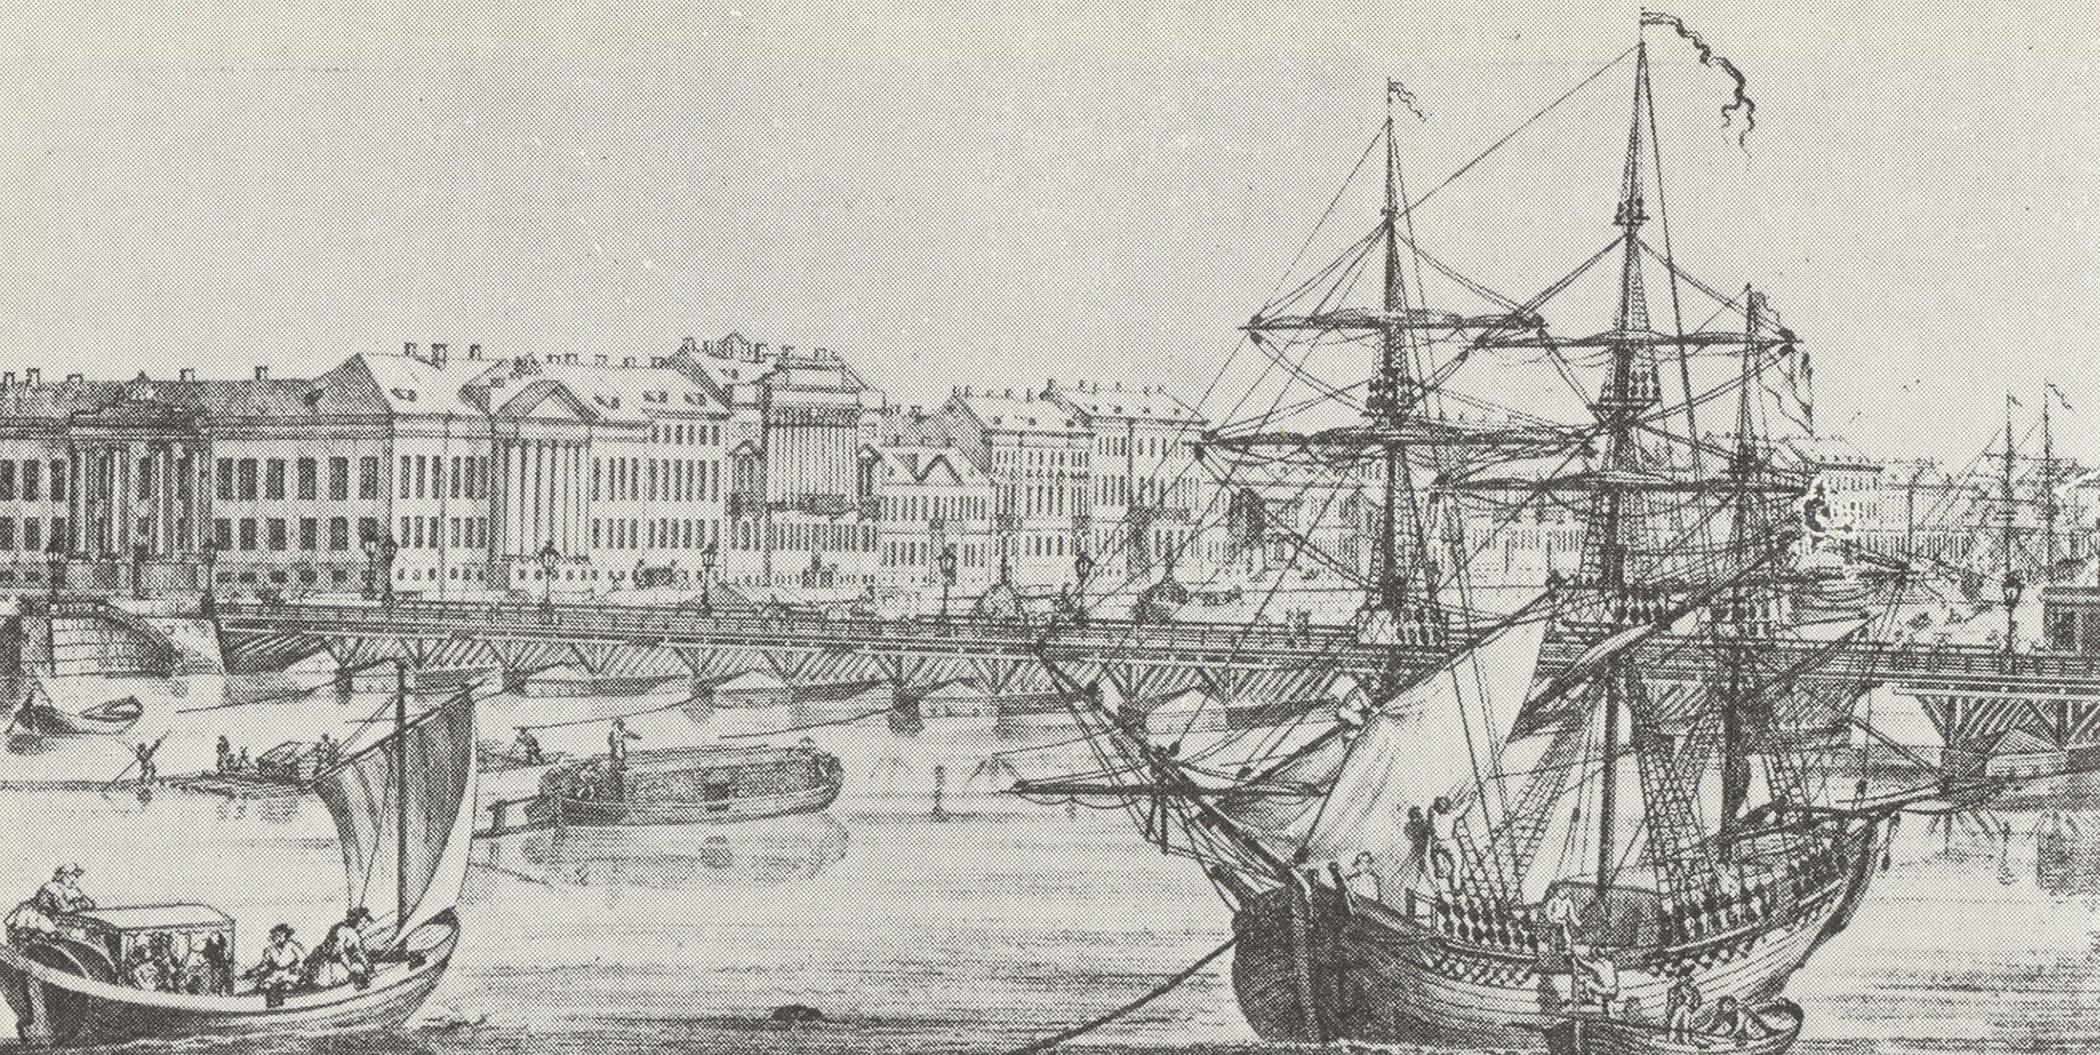 Вид на Исаакиевский наплавной мост и Английскую набережную Литография. 1820-е.